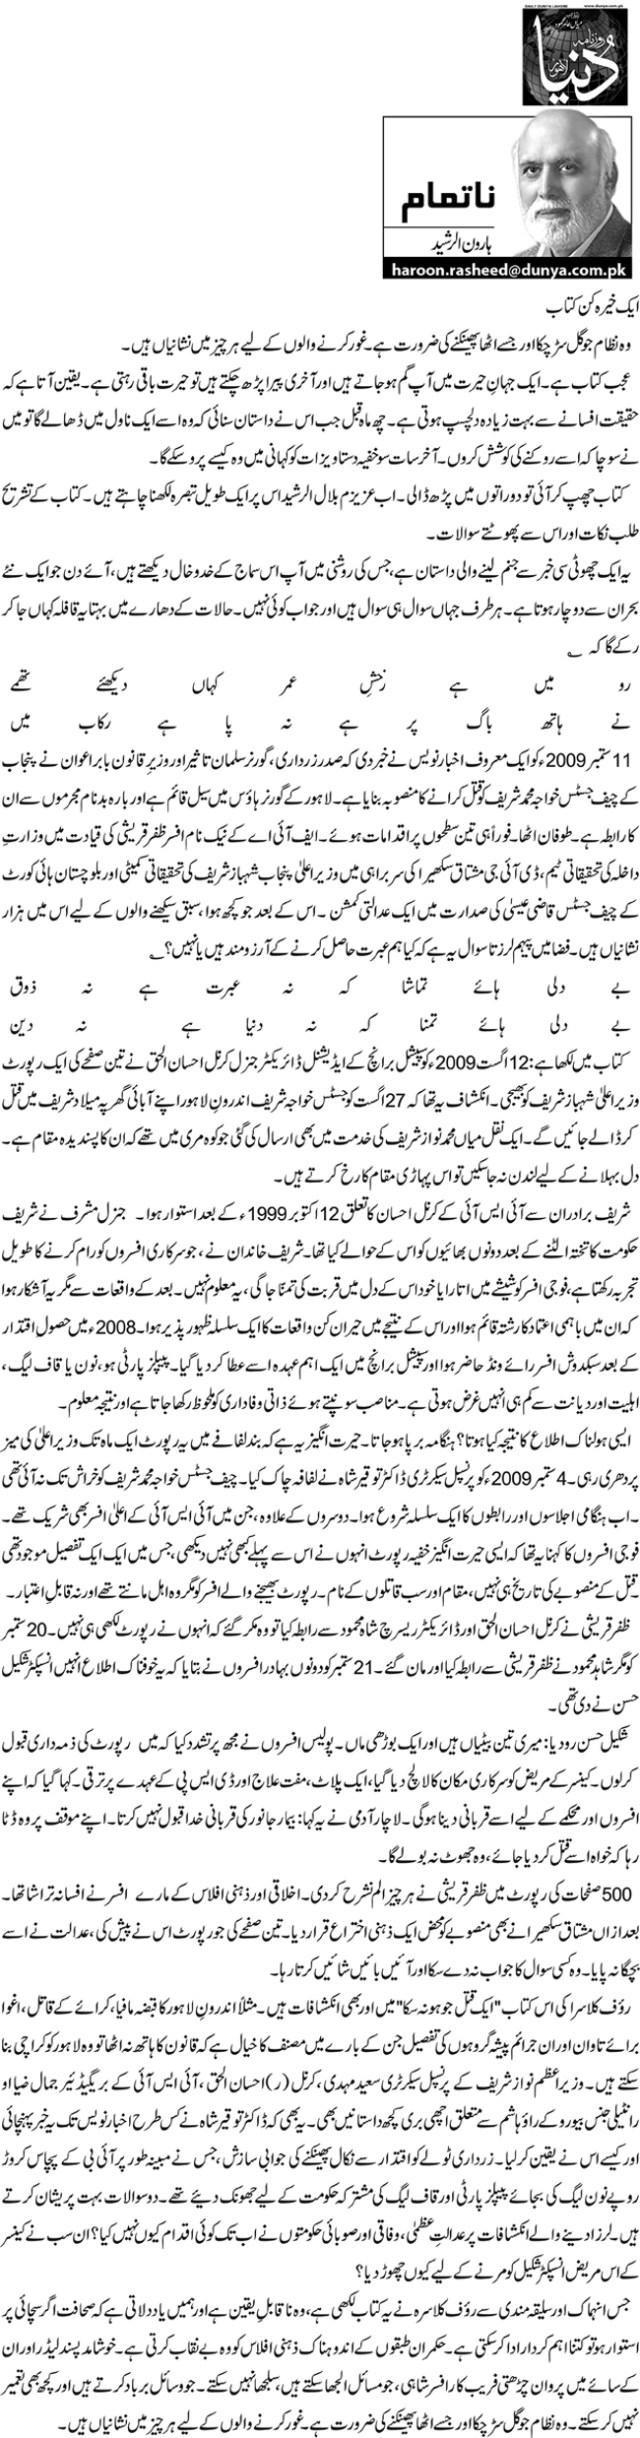 Aik khaira kun kitab - Haroon-ur-Rahseed